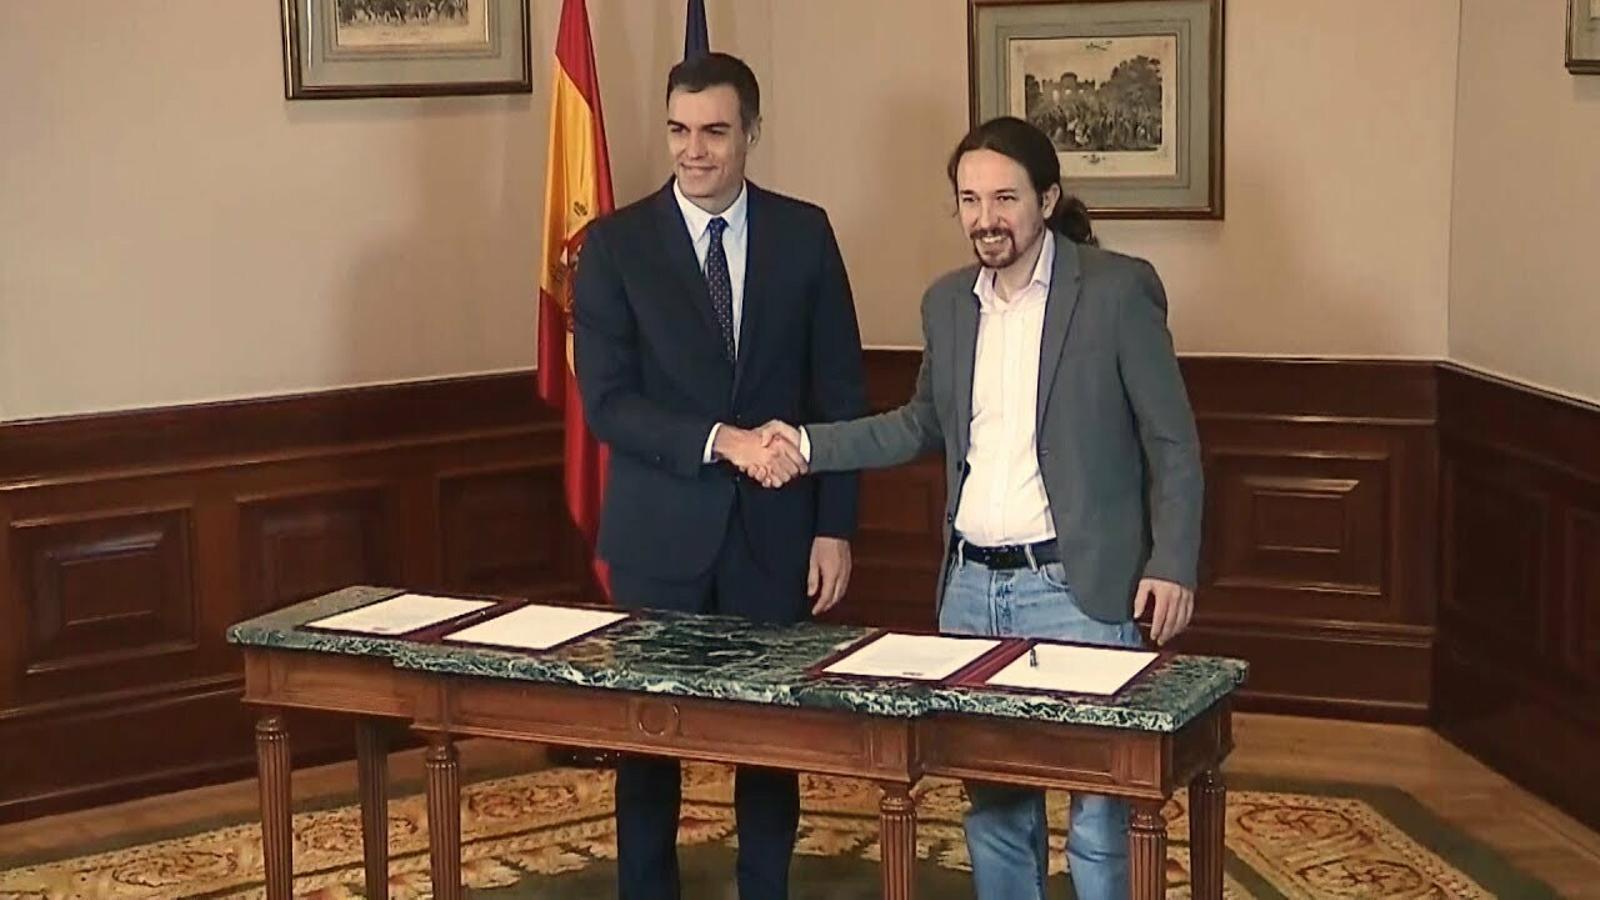 Pedro Sánchez i Pablo Iglesias signen un acord per governar en coalició tota la legislatura